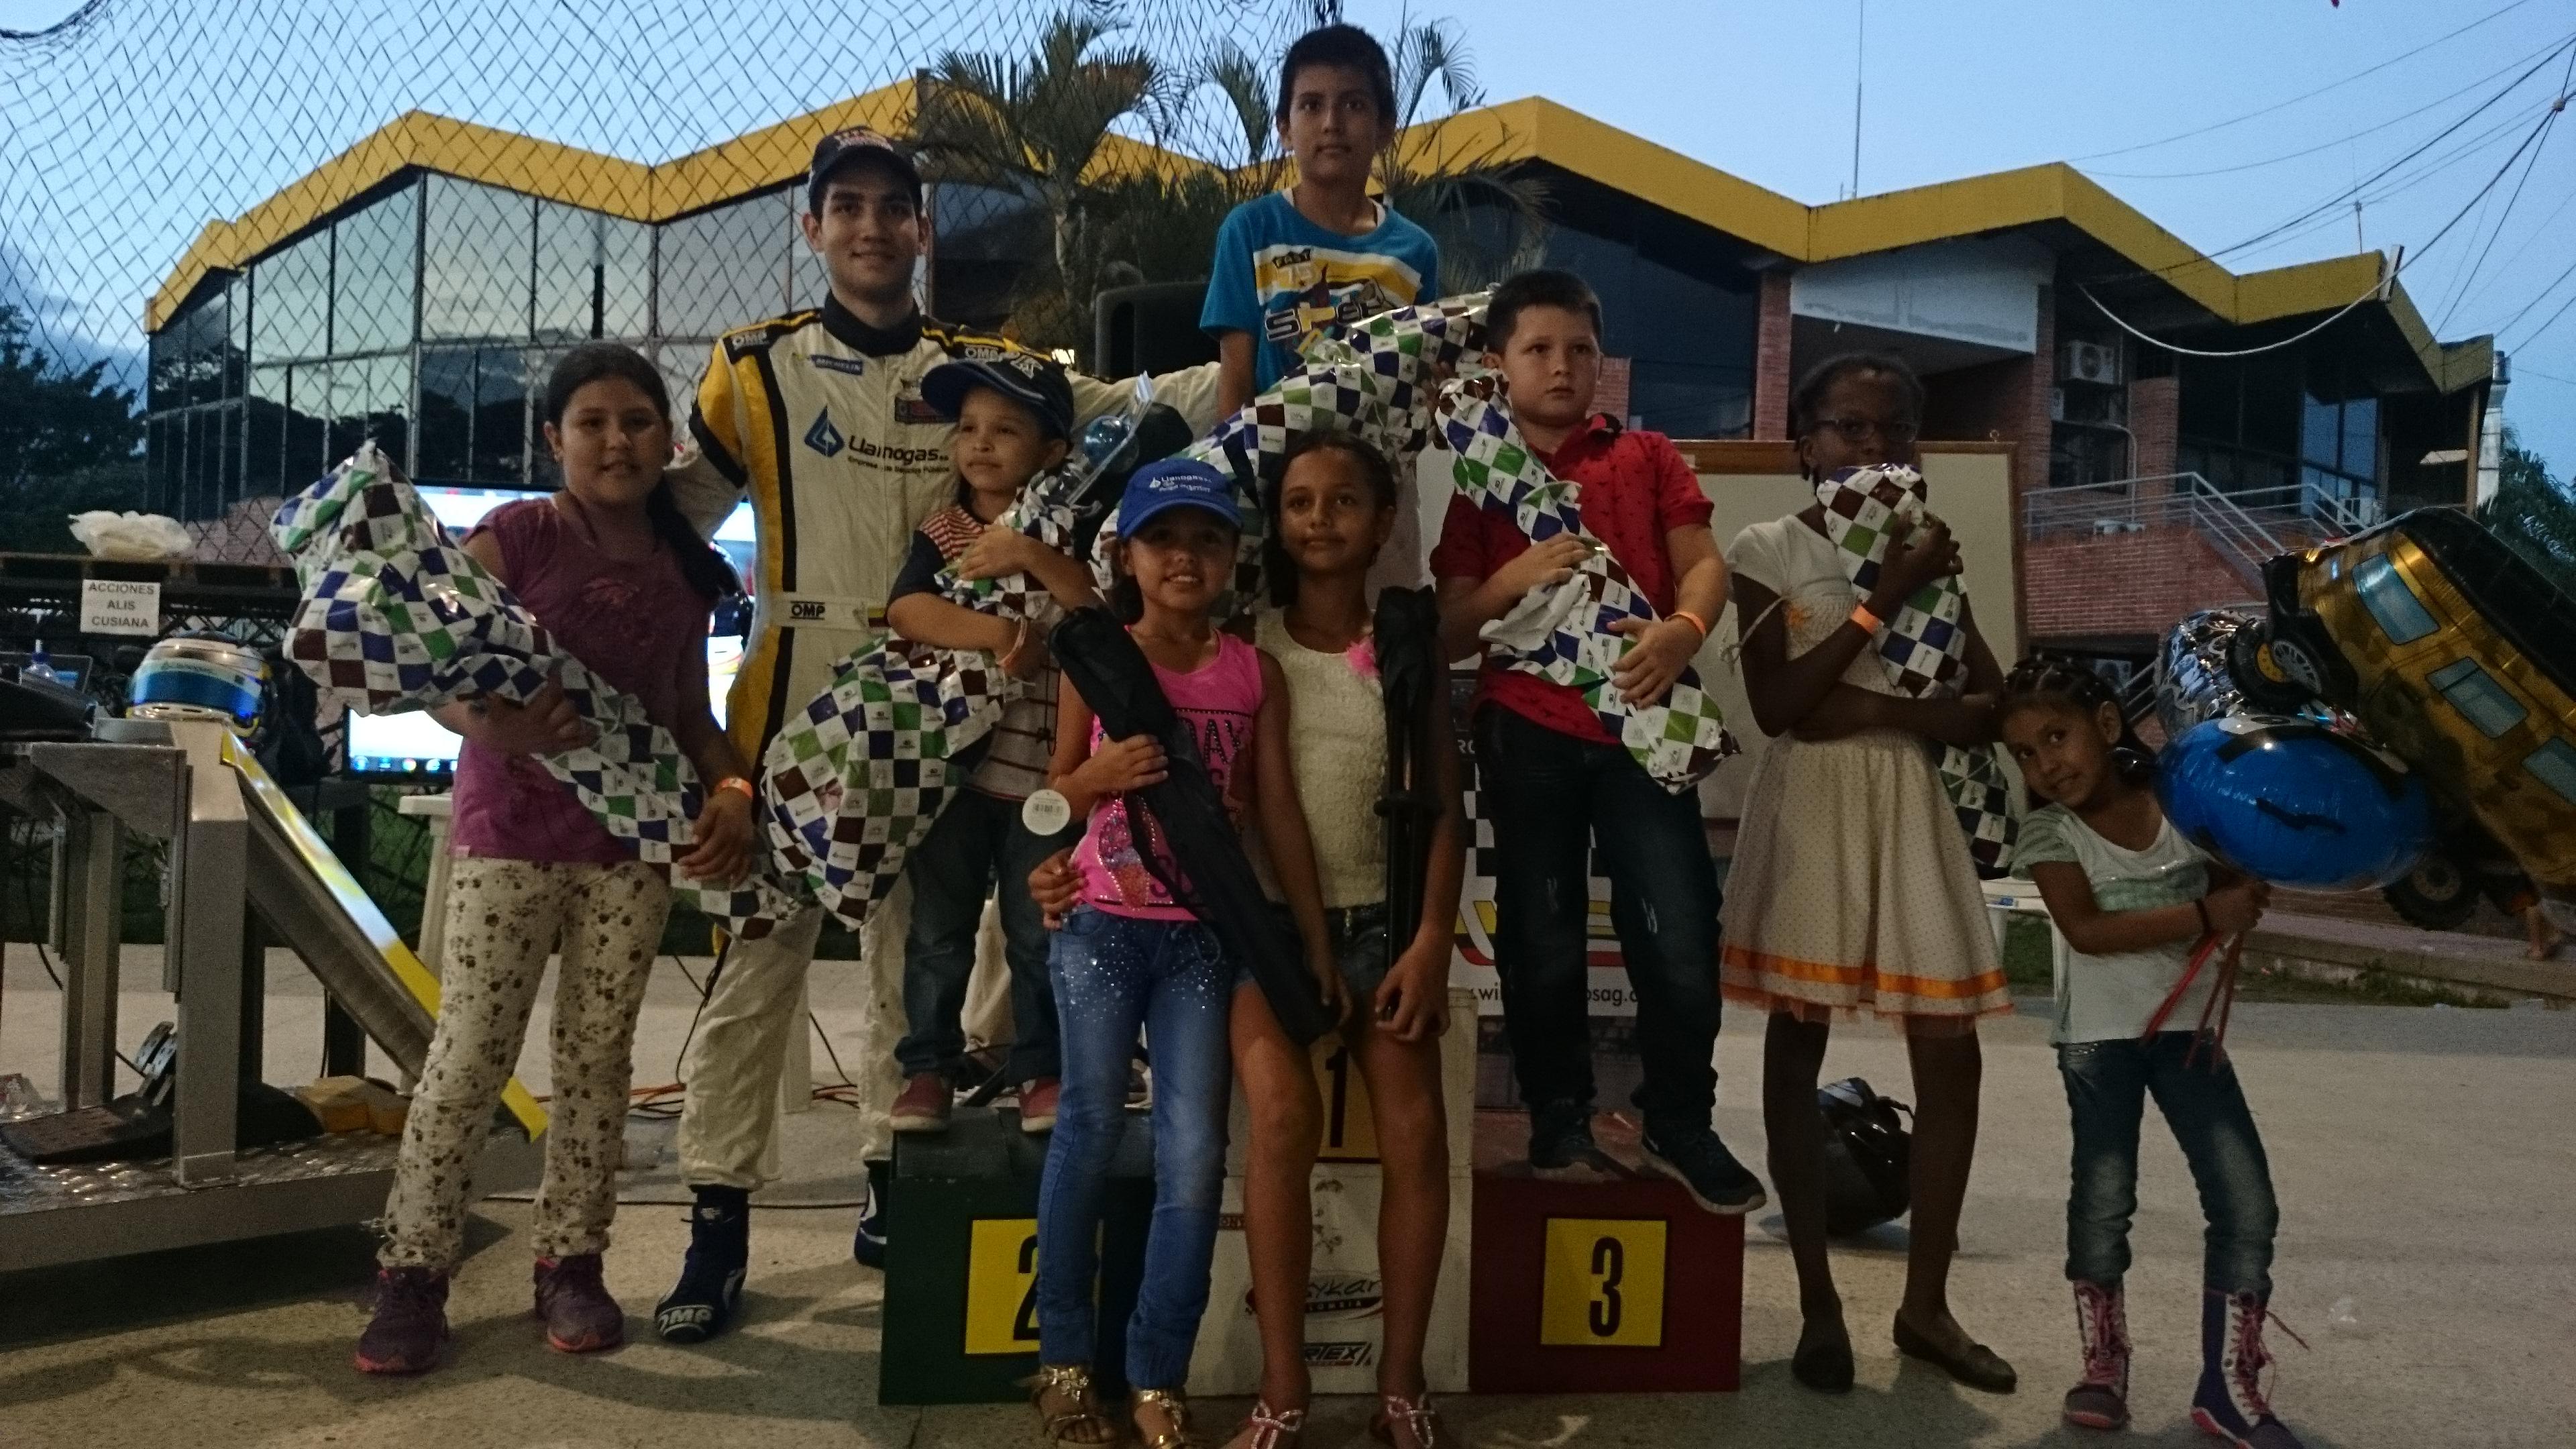 William_Barbosa_G._Fiesta_de_los_Niños2015.2433